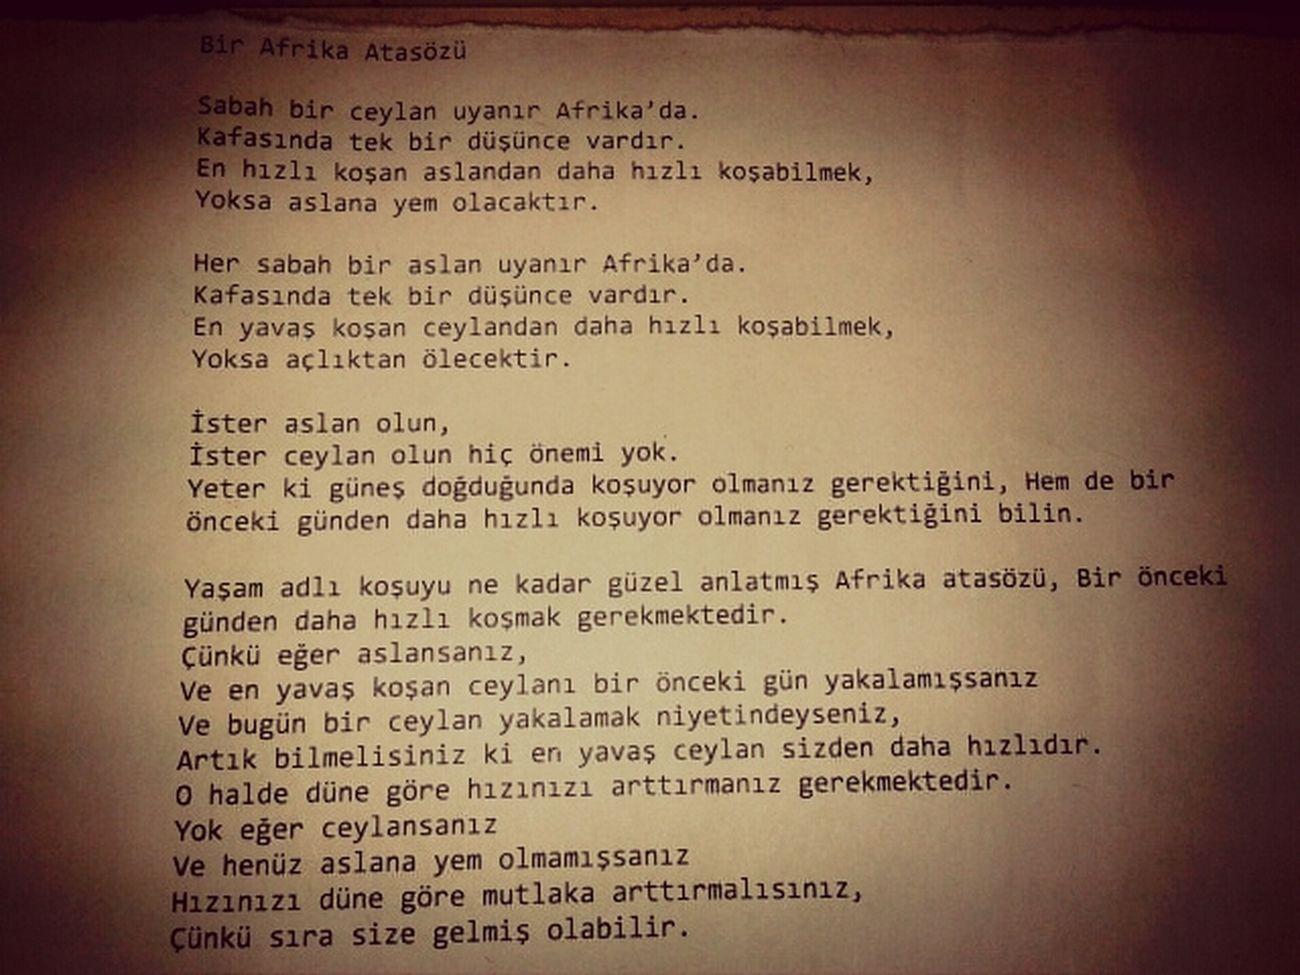 Azim Hirs Ozveri Amac